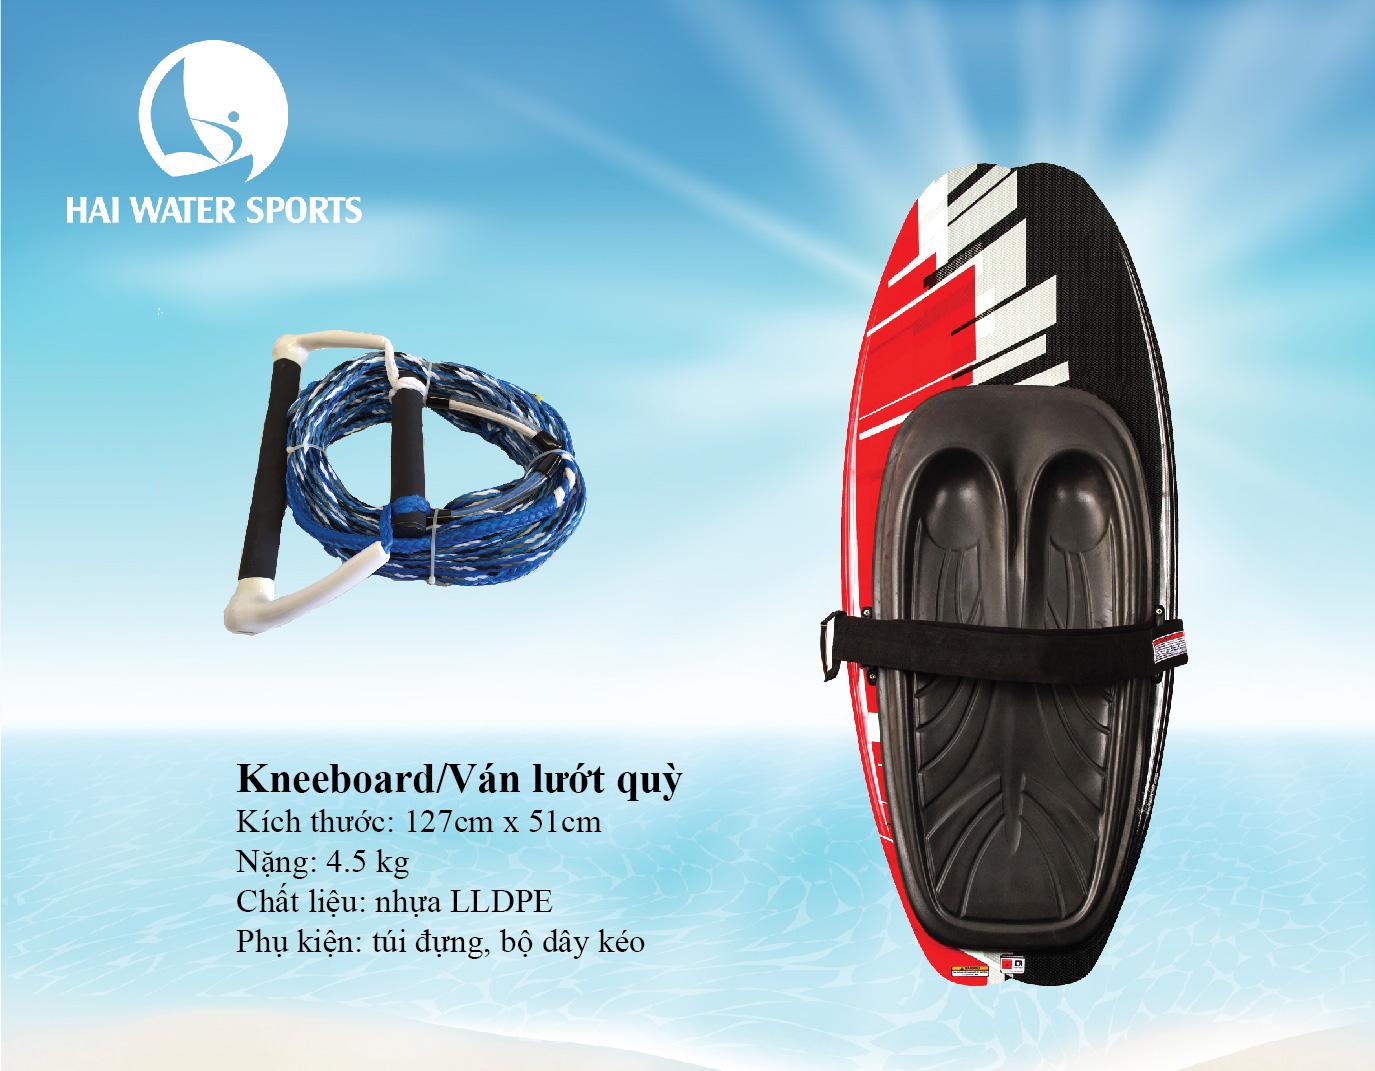 Ván lướt quỳ - Kneeboard